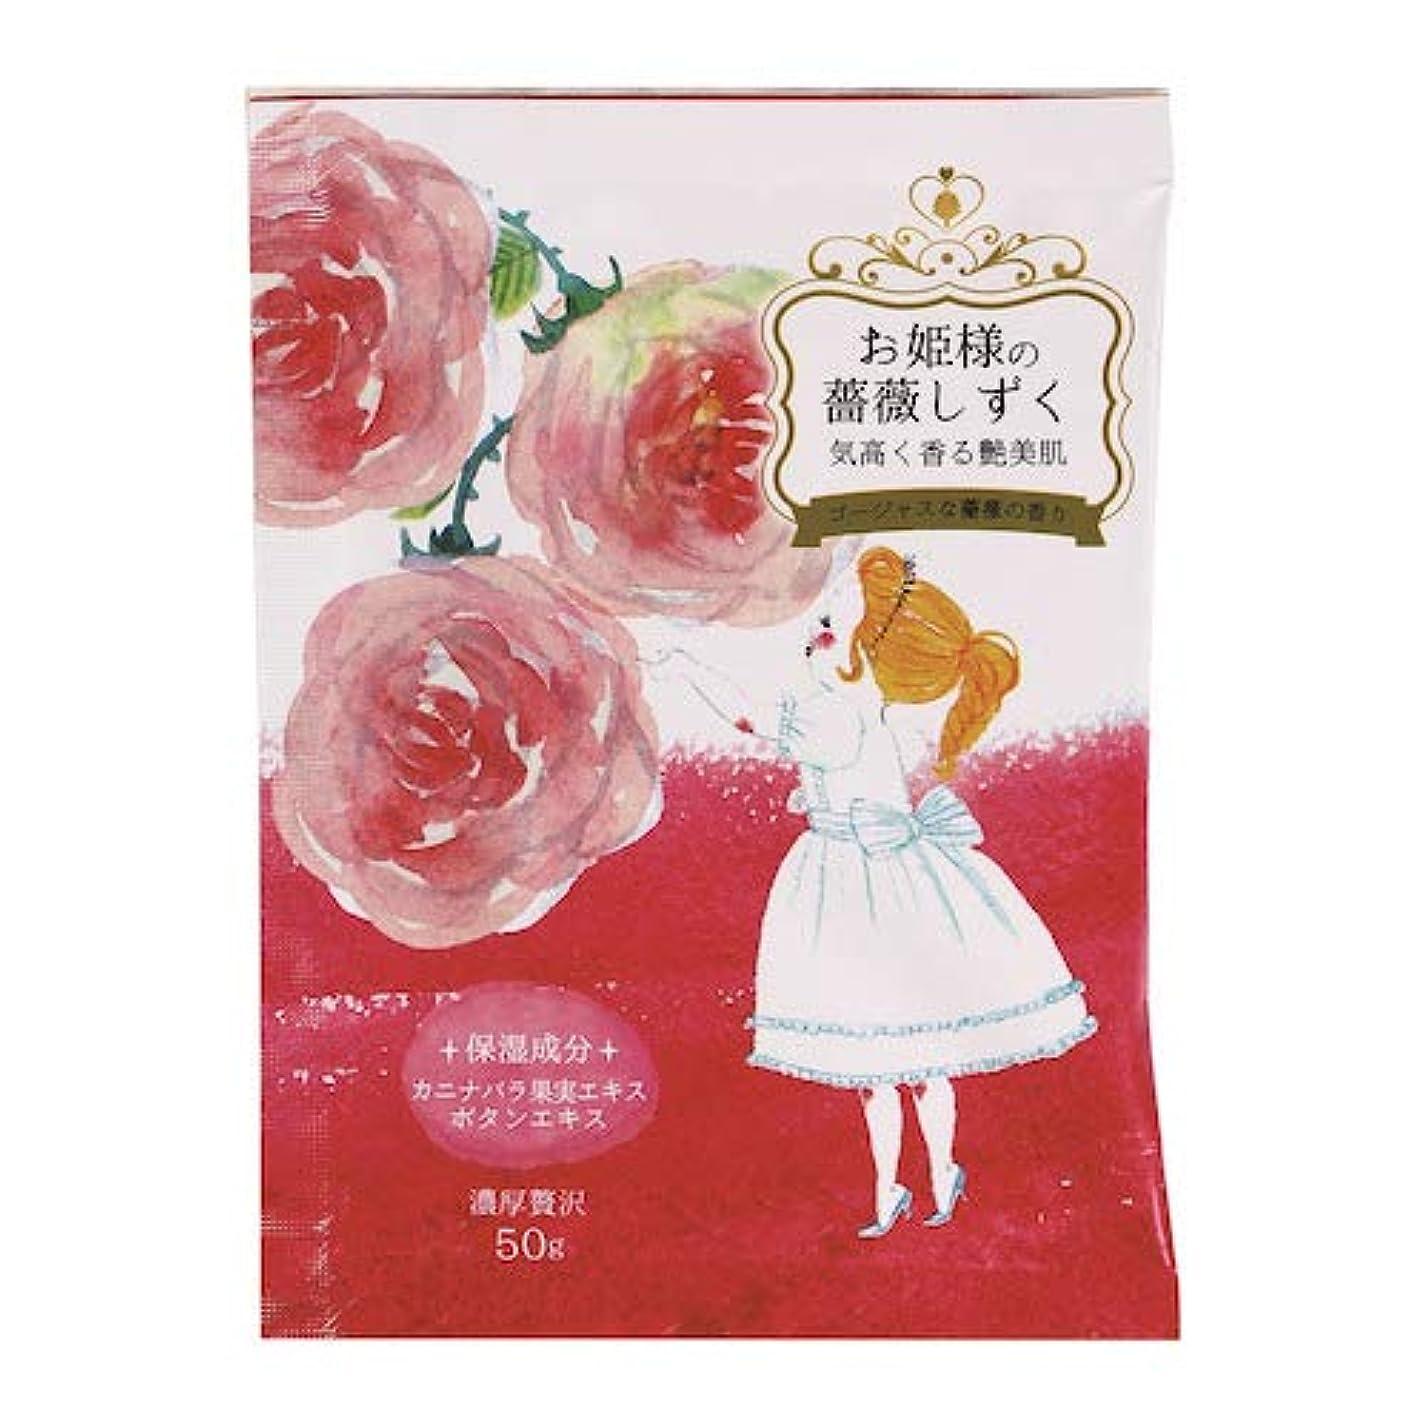 届ける脅かすフィルタ紀陽除虫菊 お姫様の薔薇しずく 50g